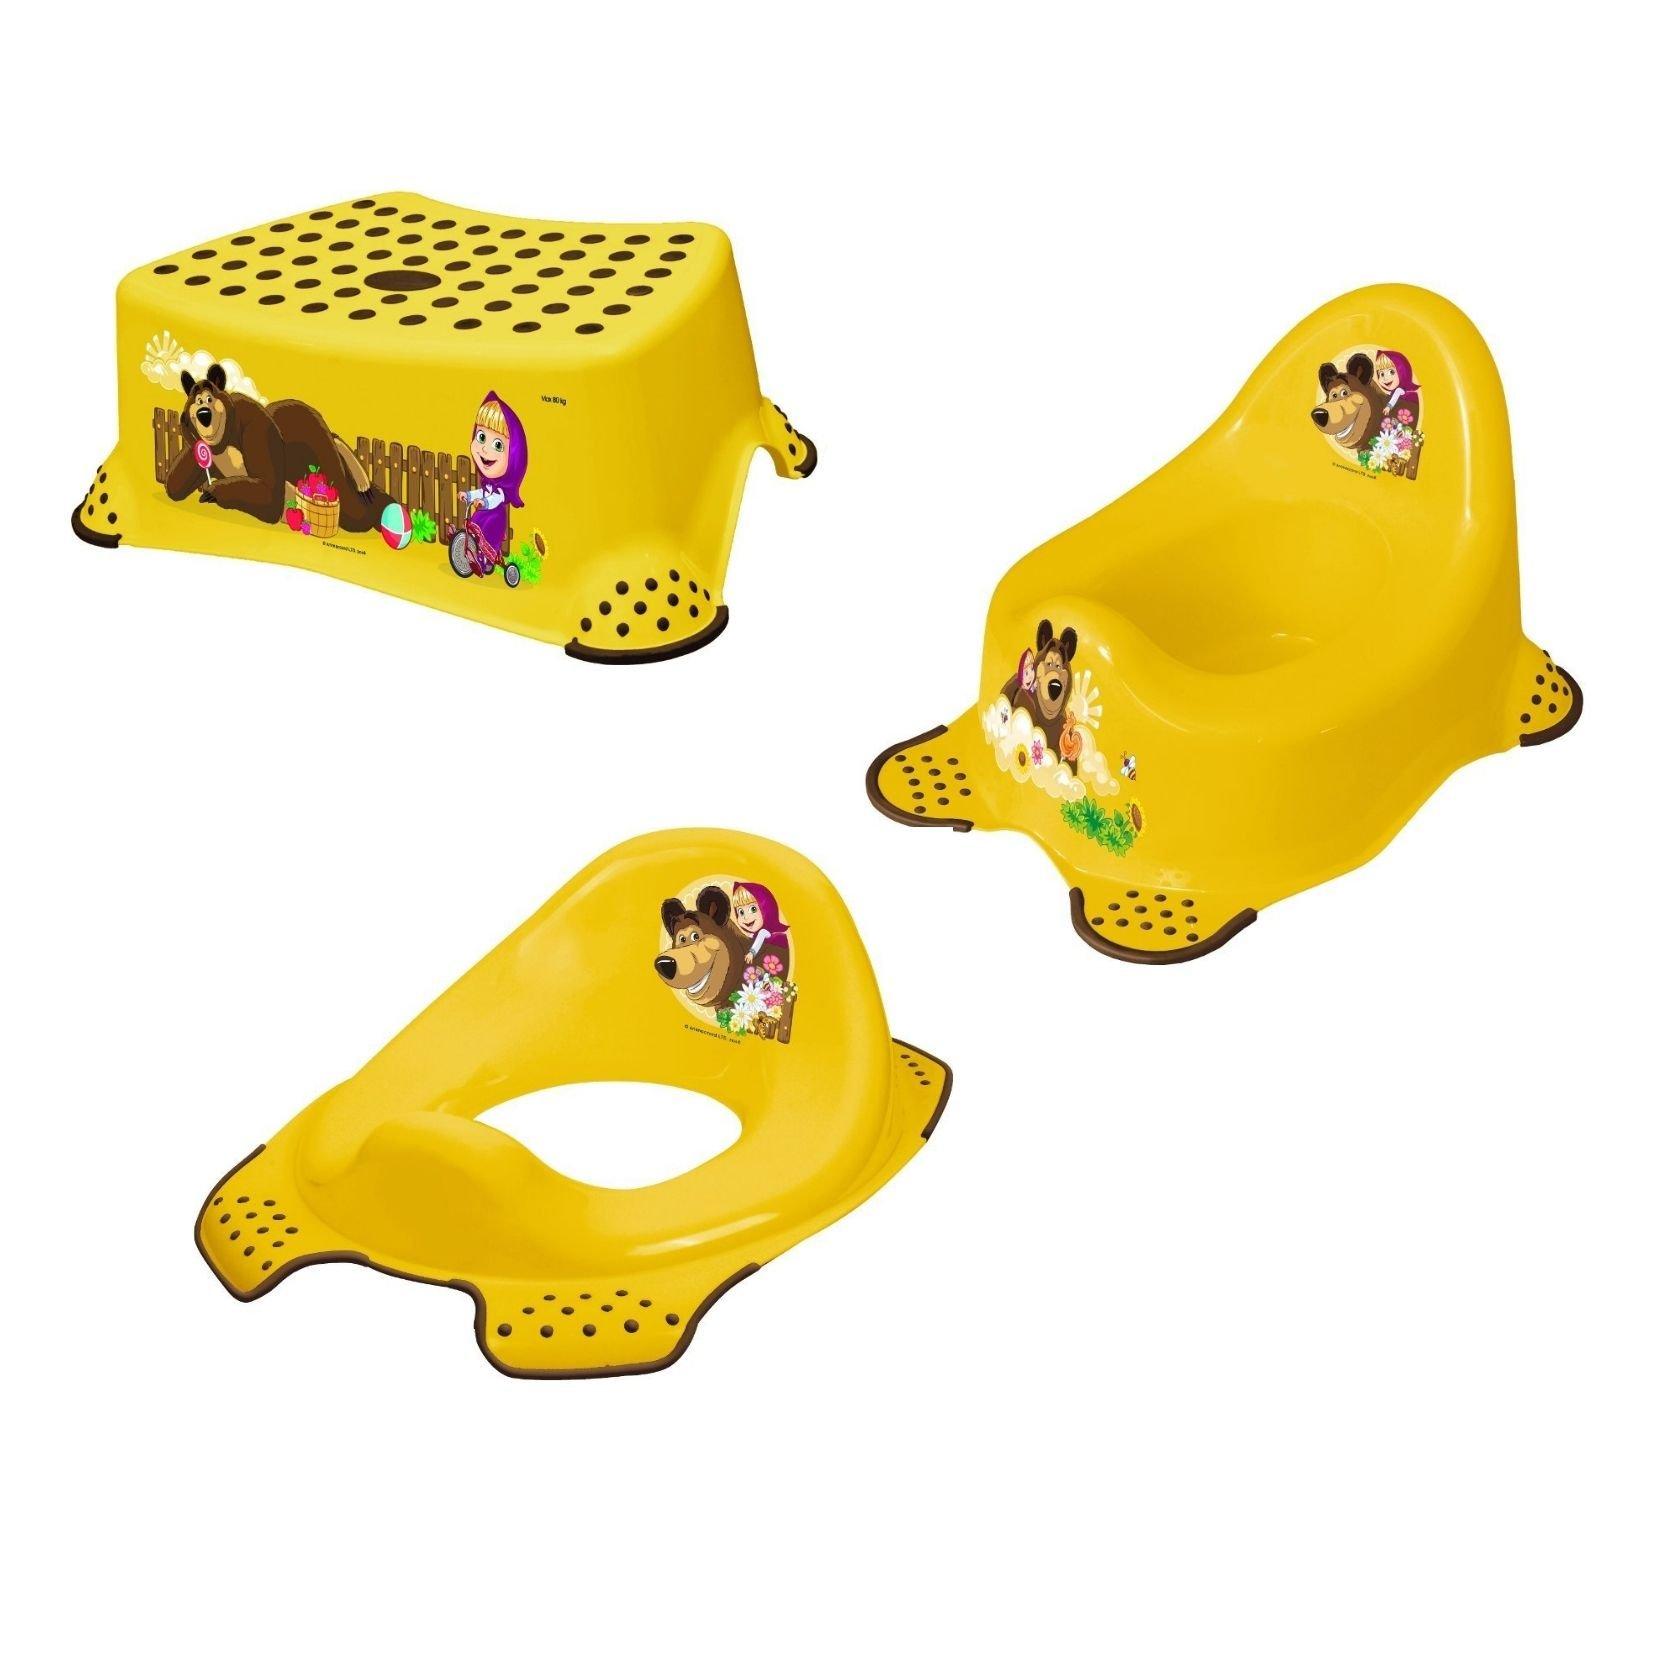 Hygienický set noèník + stolièka + adaptér na WC Máša a medvìd žlutá